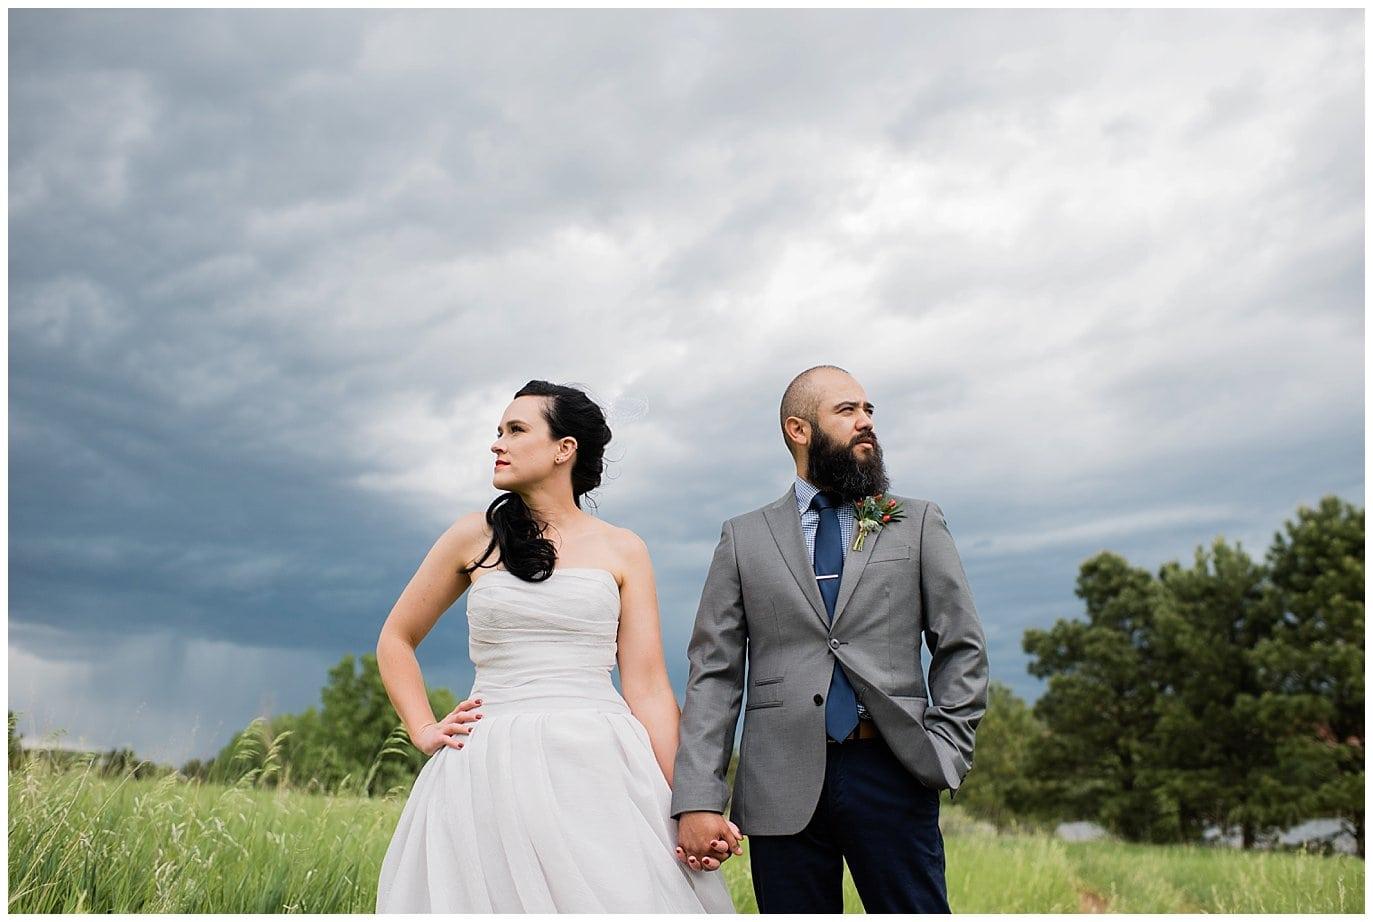 stormy skies bride and groom wedding photo